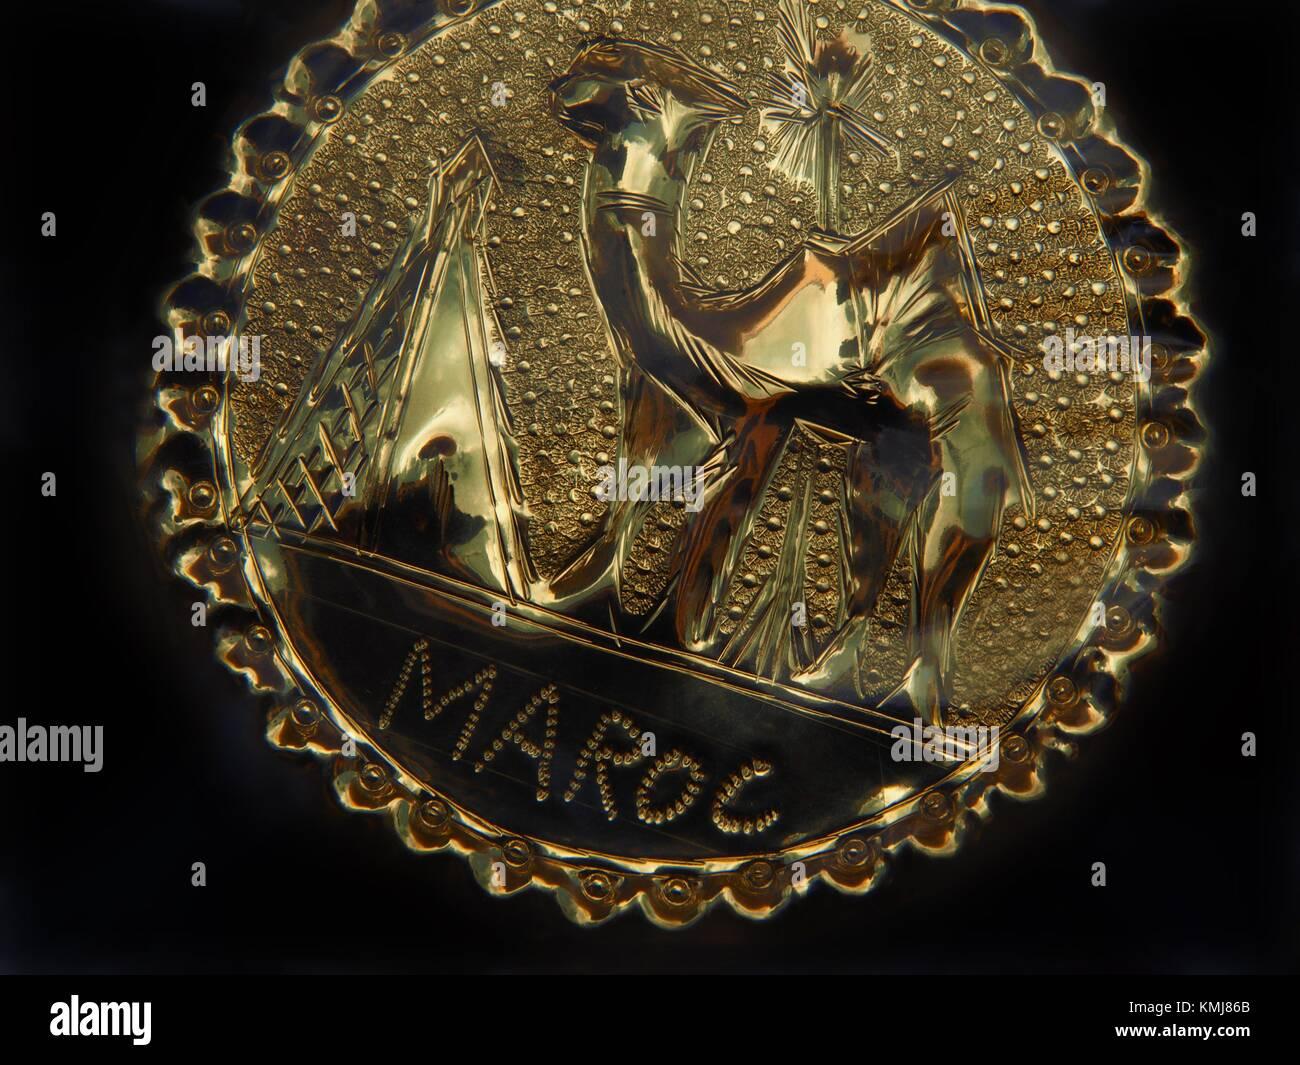 Le Maroc, artisanat, plaque de cuivre. Photo Stock